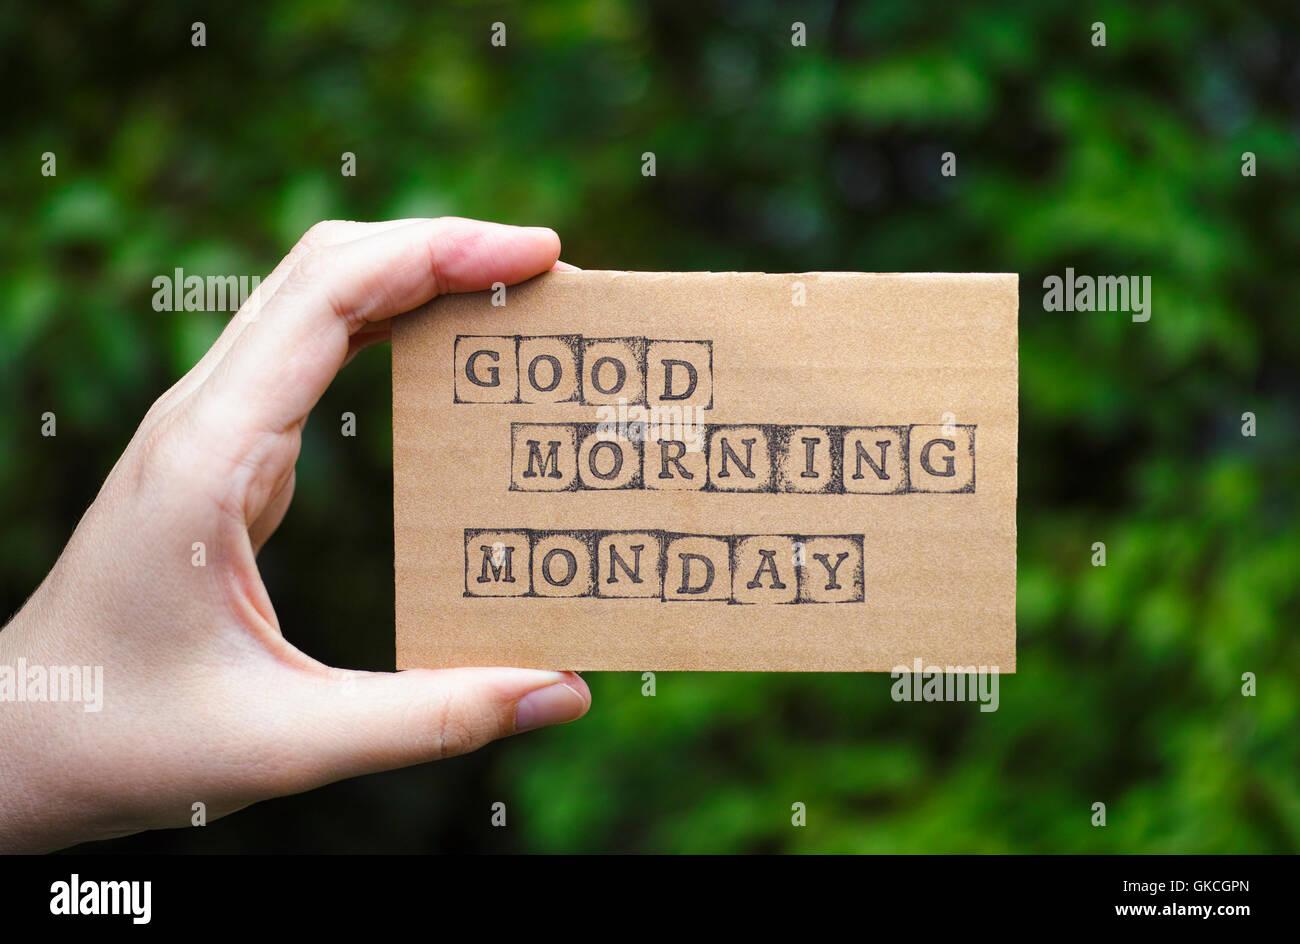 Frau Hand Mit Pappkarte Mit Worten Guten Morgen Montag Von Schwarzen